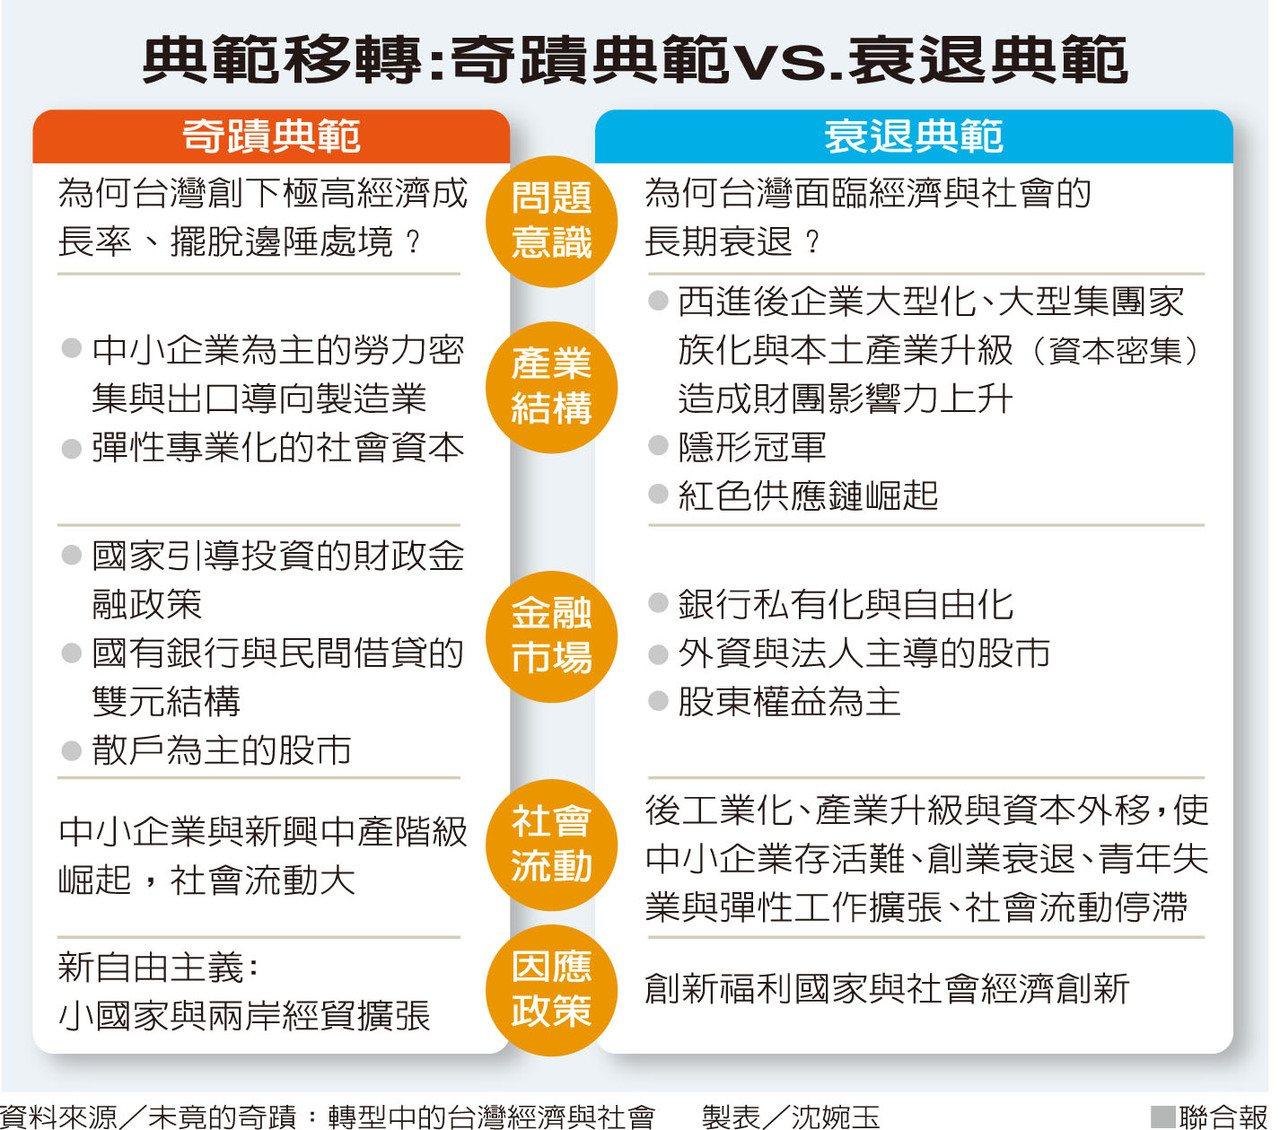 經濟奇蹟+民主奇蹟=台灣變成「失敗的典範」